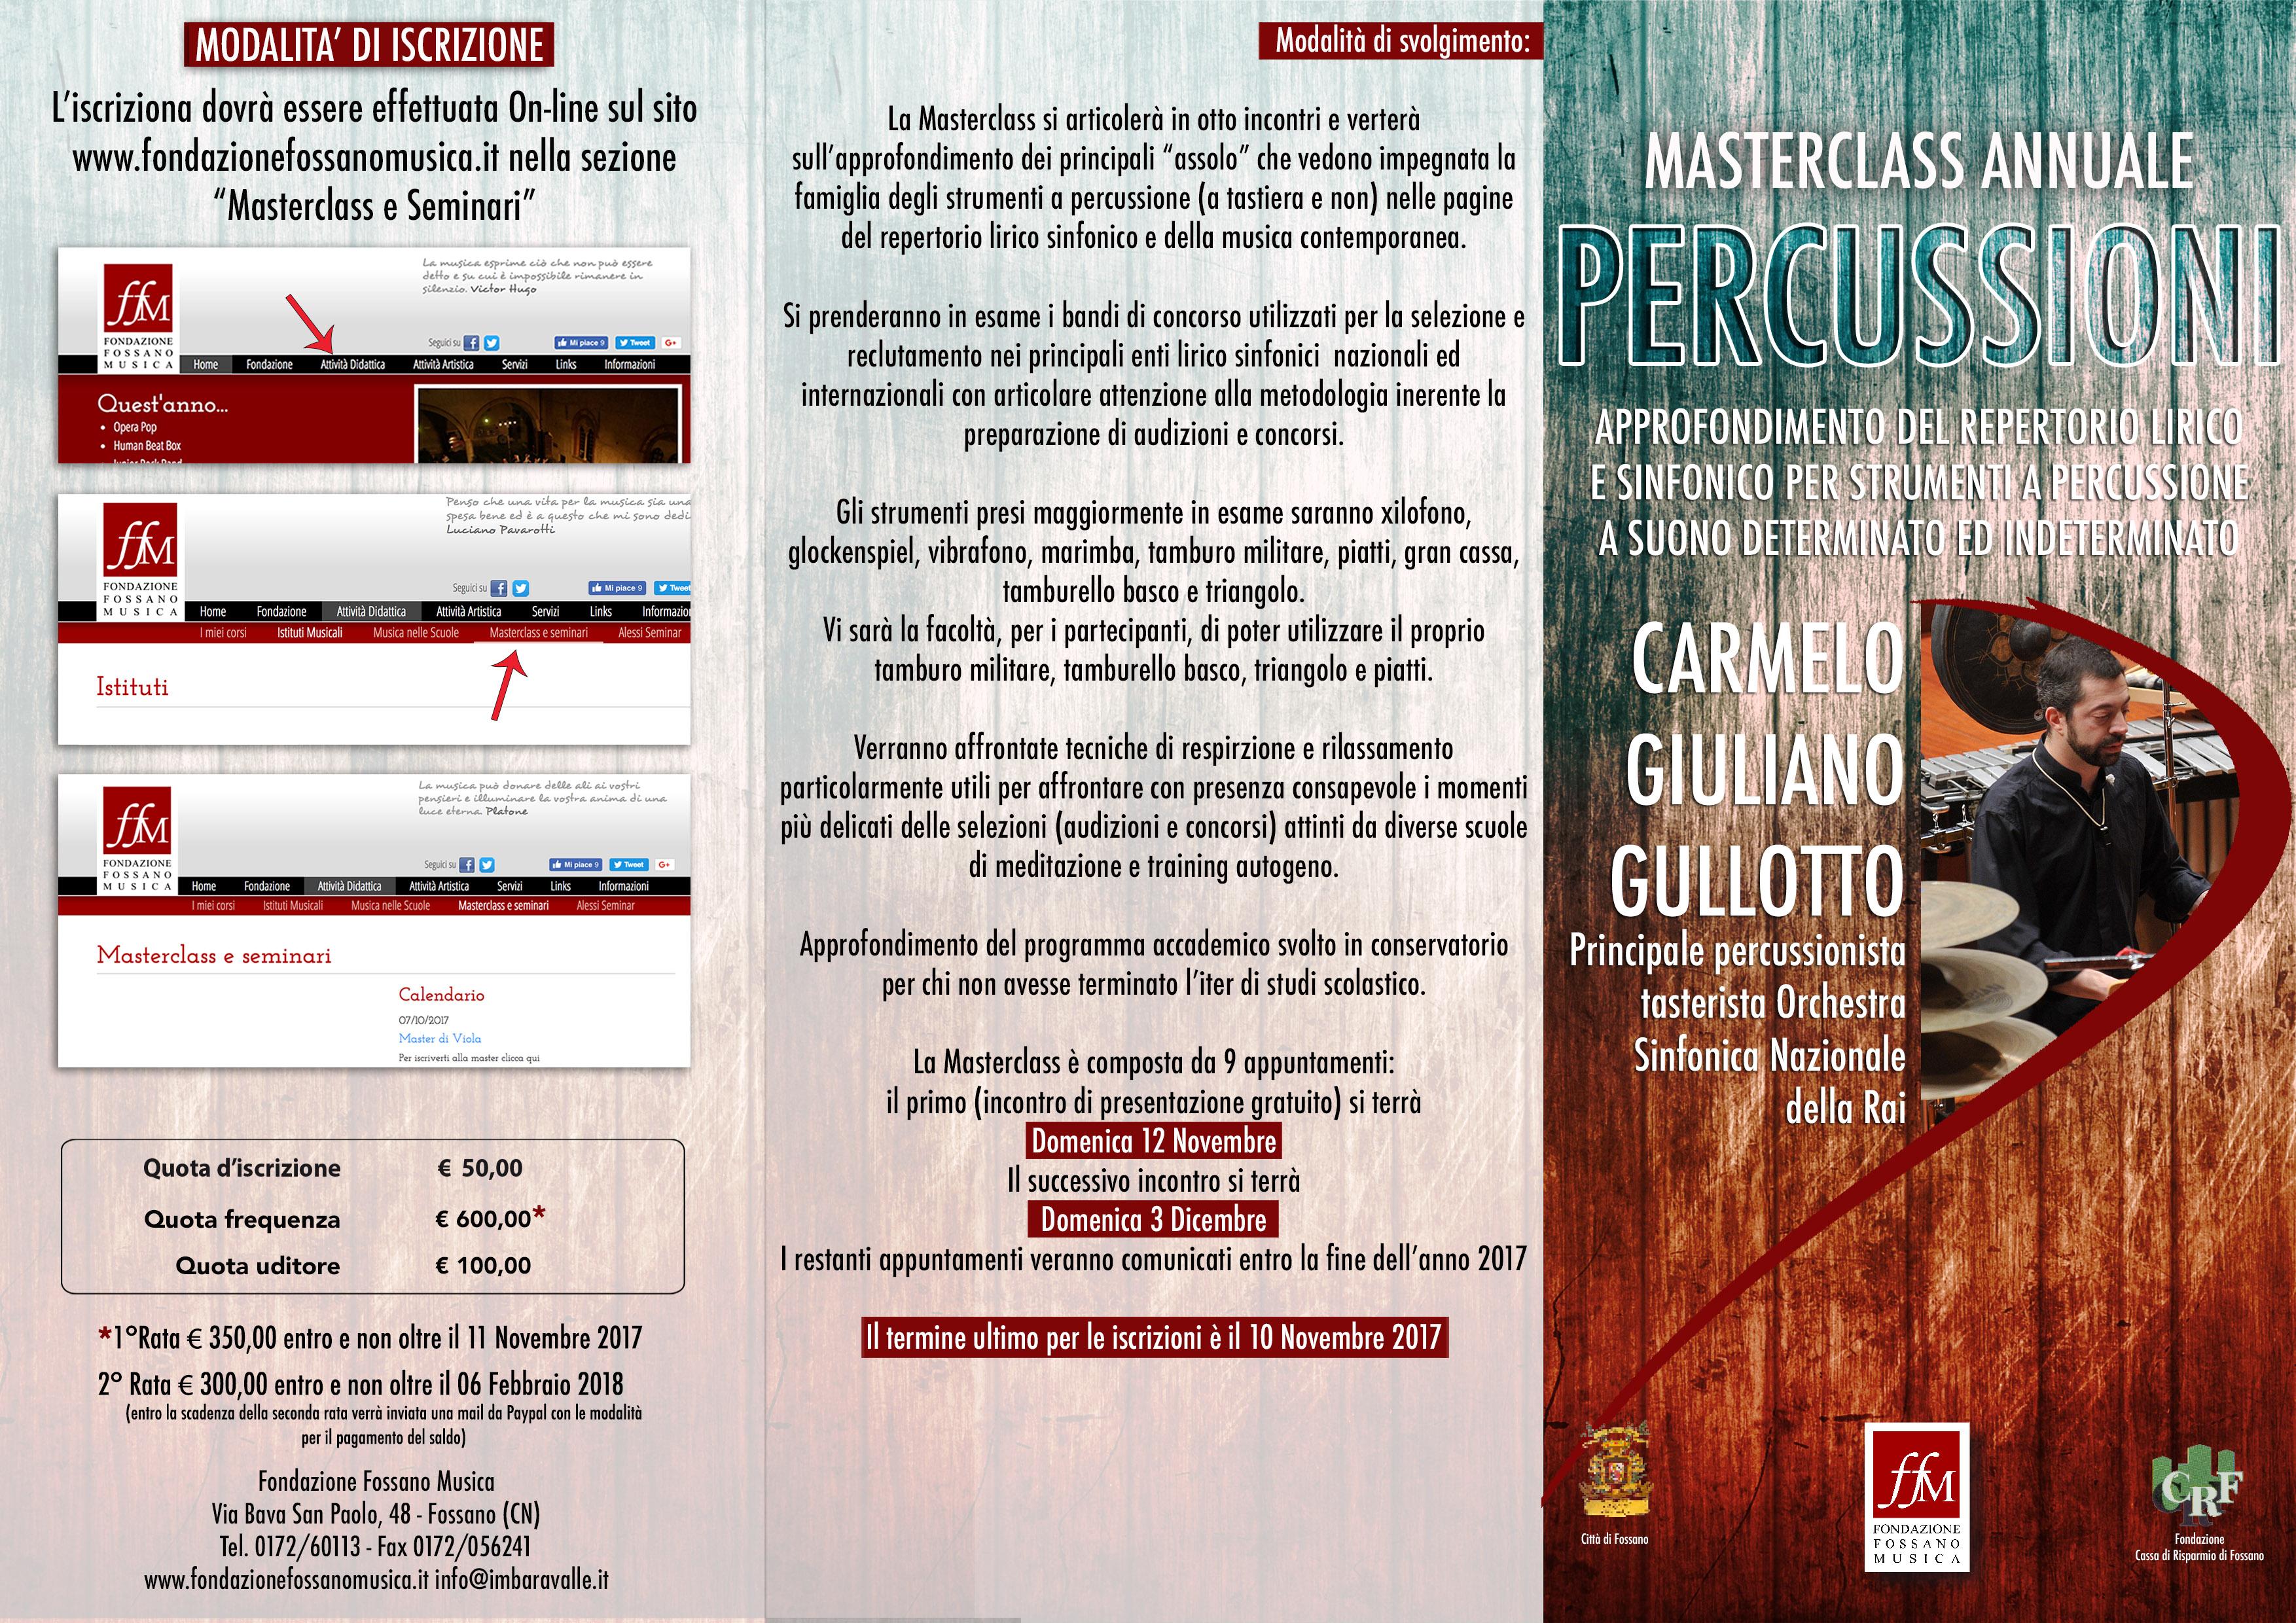 Brochure Masterclass C.Gullotto Fronte copia